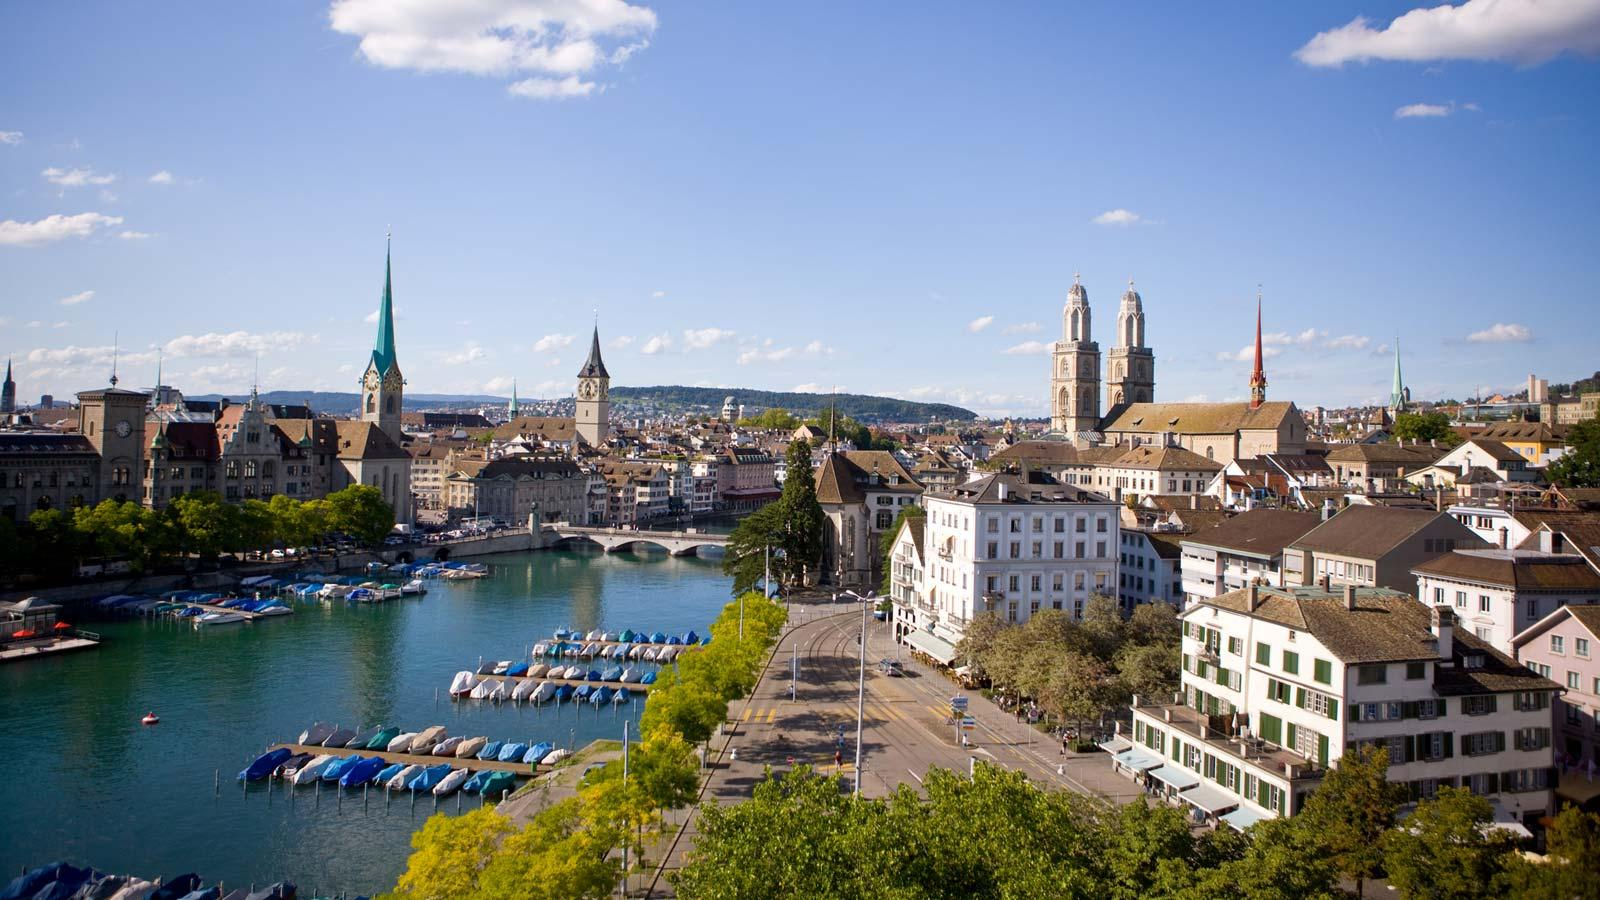 Zurich-view